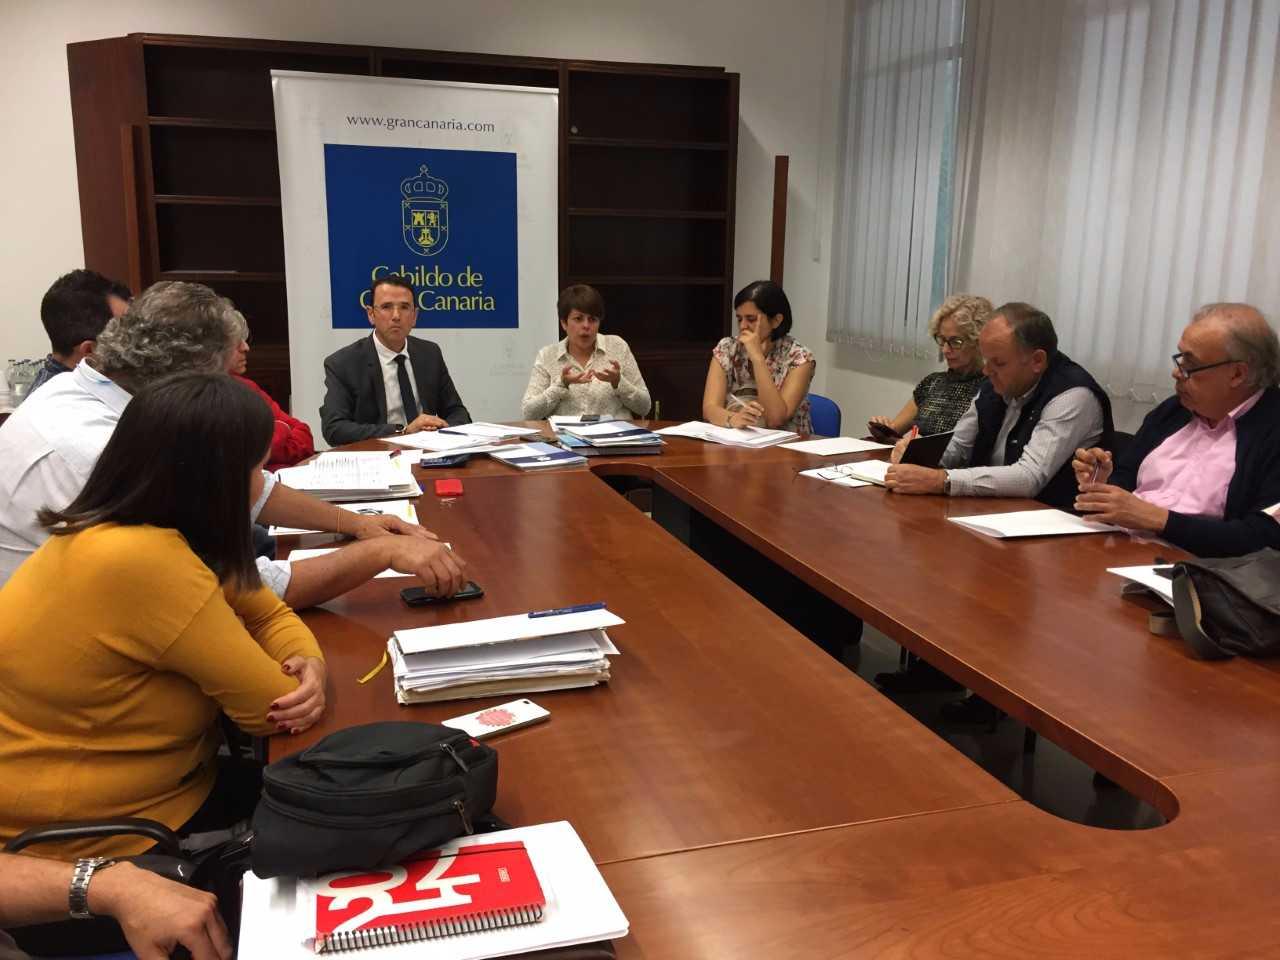 El Cabildo duplica el presupuesto de Vivienda hasta 6,7 millones para rehabilitaciones que benefician a 800 hogares de Gran Canaria